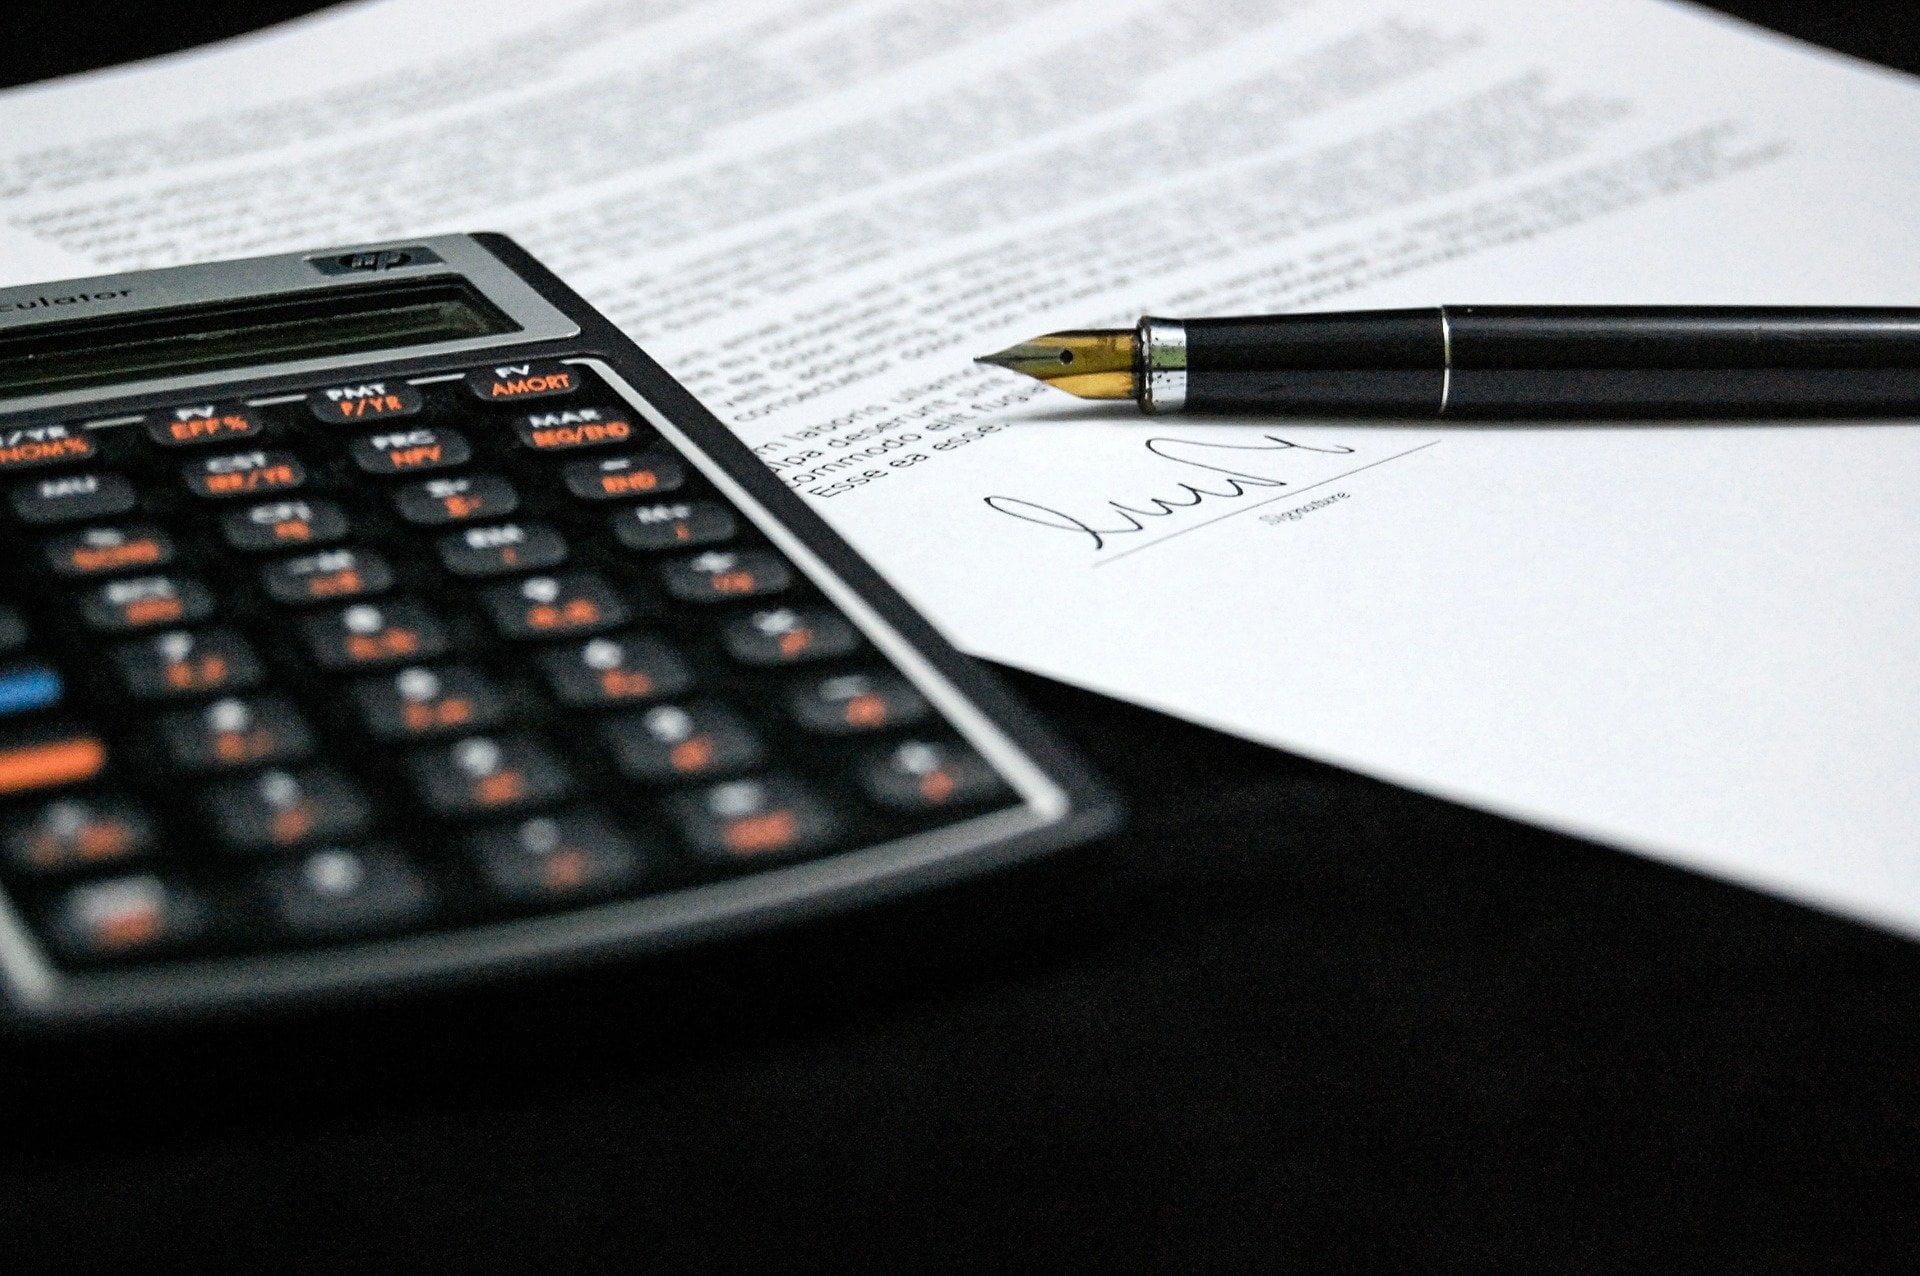 document 428338 1920 1 - Λογιστικό γραφείο | Φοροτεχνικά - Λογιστικά γραφεία Οικονομάκος